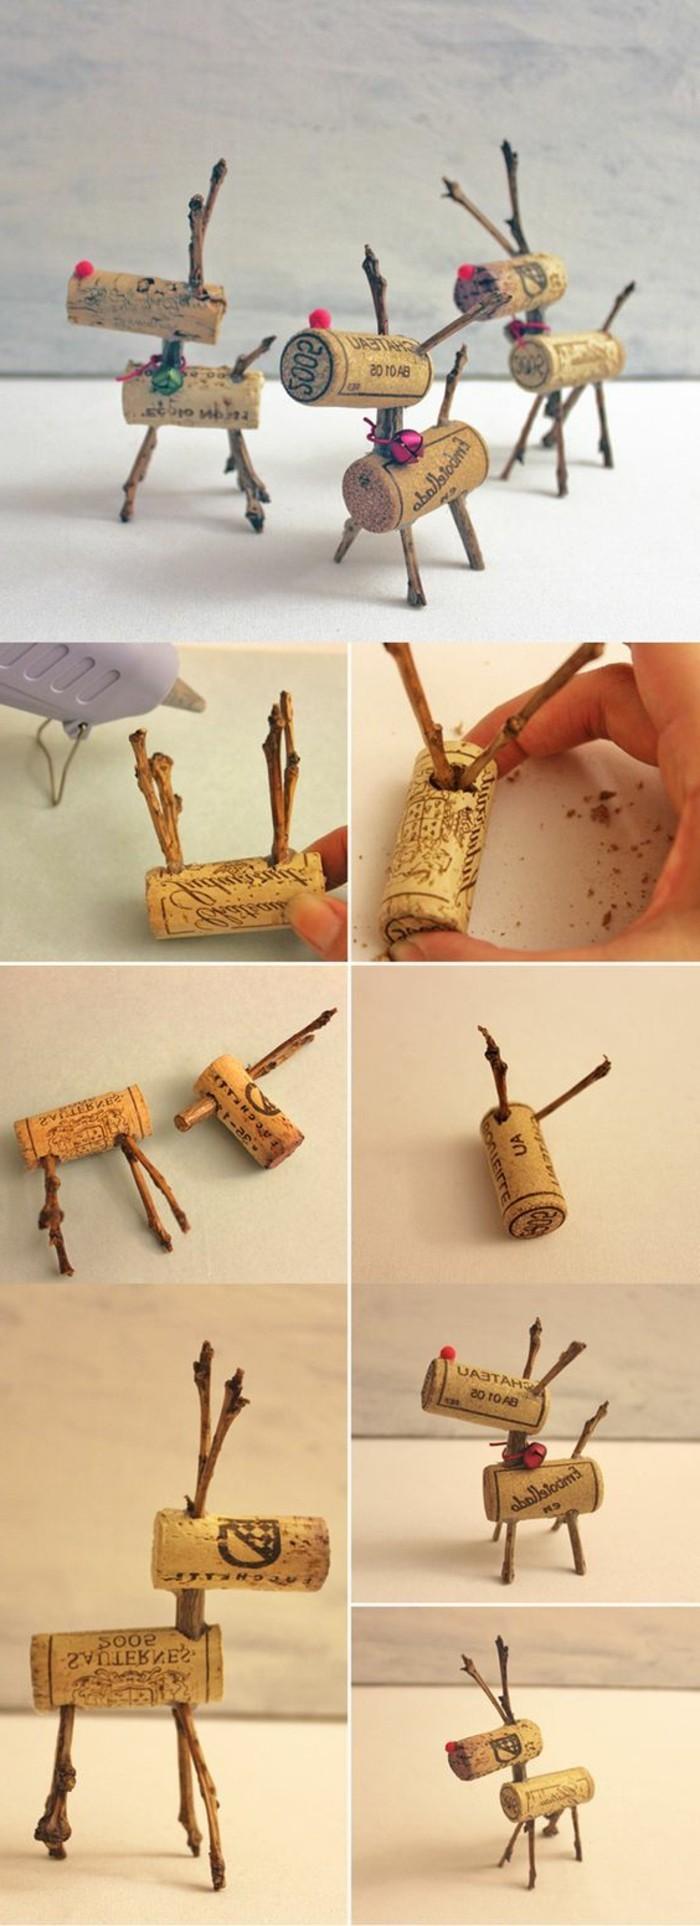 petits-figurines-de-cerfs-idee-deco-noel-a-fabriquer-mignonne-avec-des-bouchons